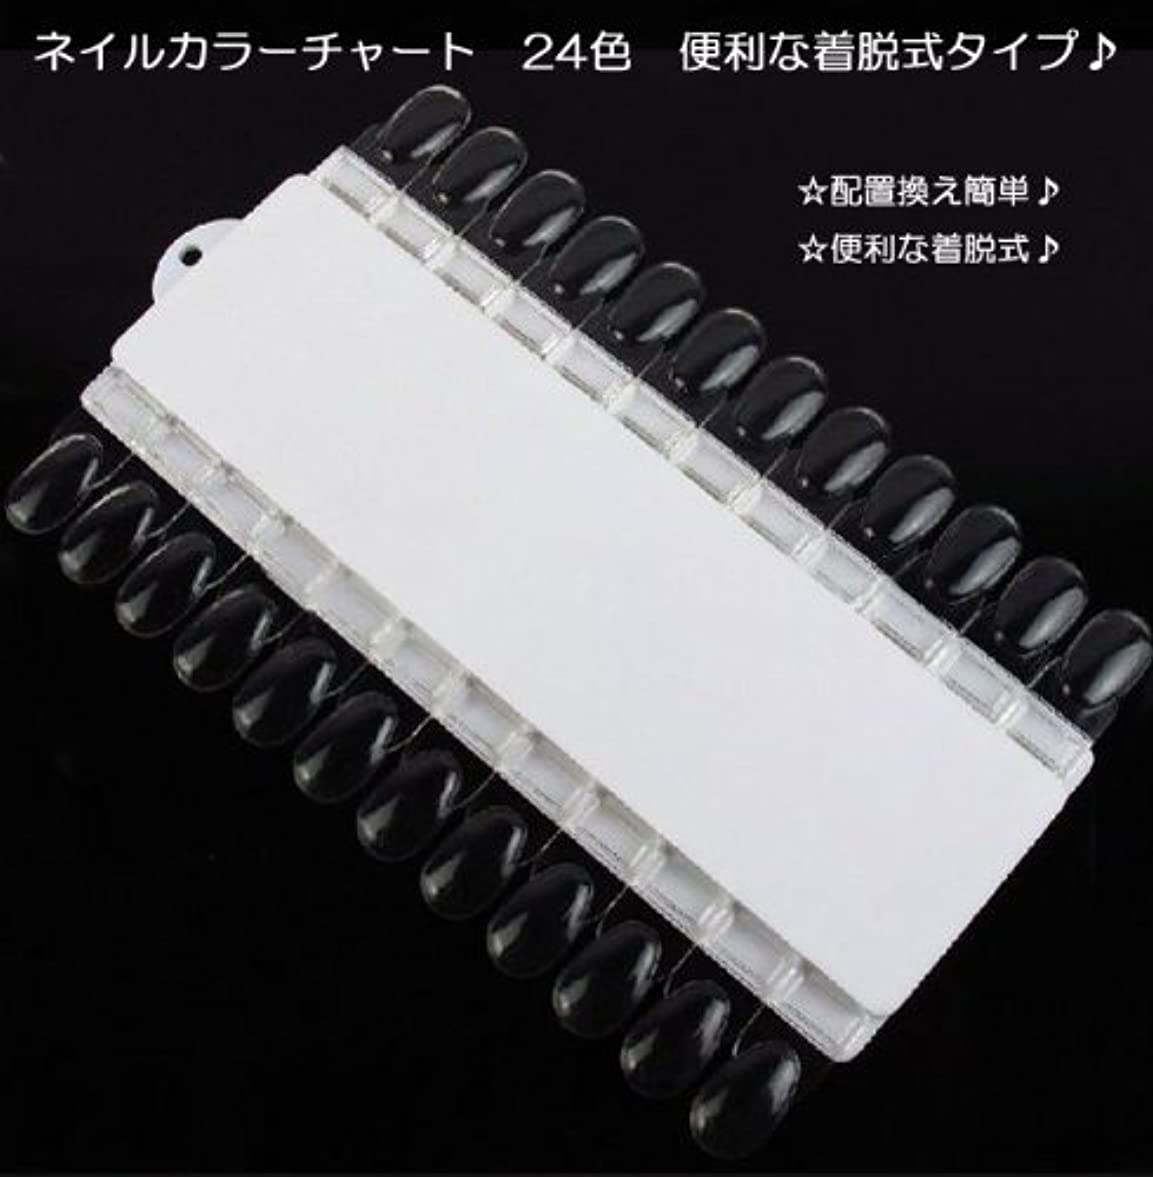 冒険聖歌混合した【新入荷!】ネイルカラーチャート 24色 便利な着脱式タイプ?